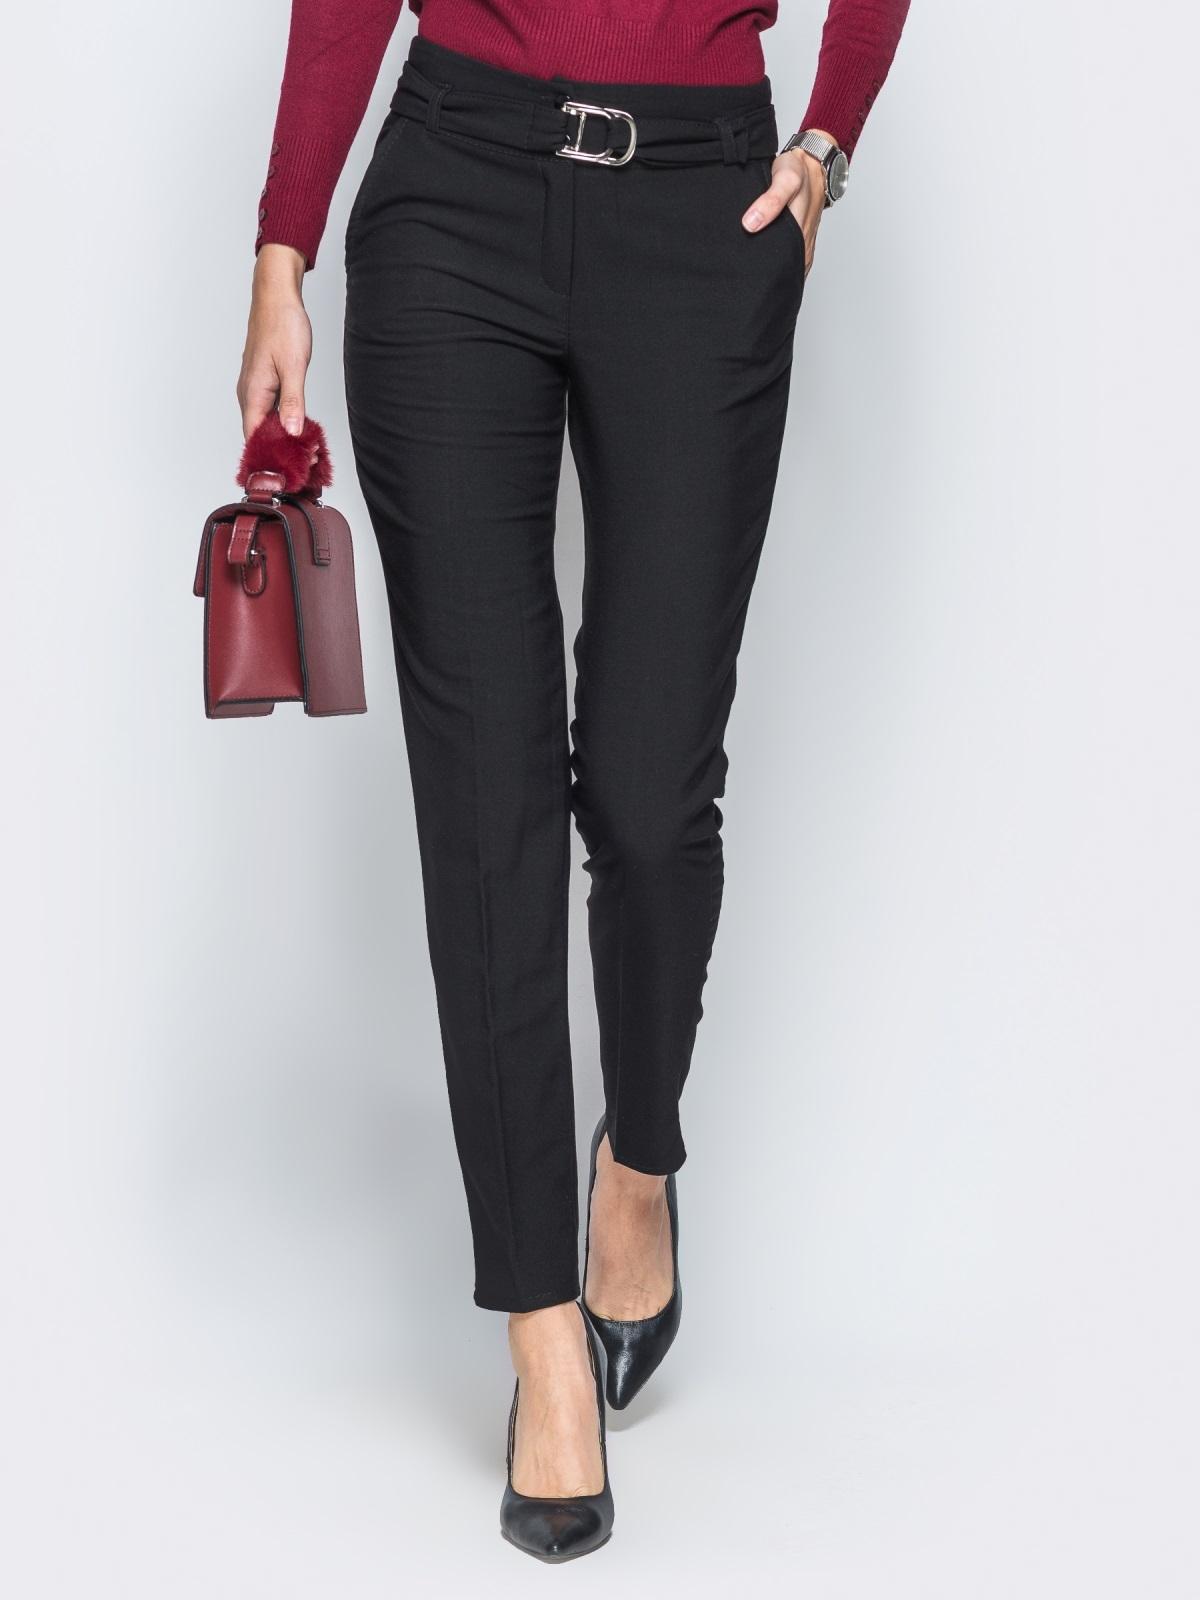 Брюки черного цвета на флисе с поясом в комплекте - 17741, фото 1 – интернет-магазин Dressa